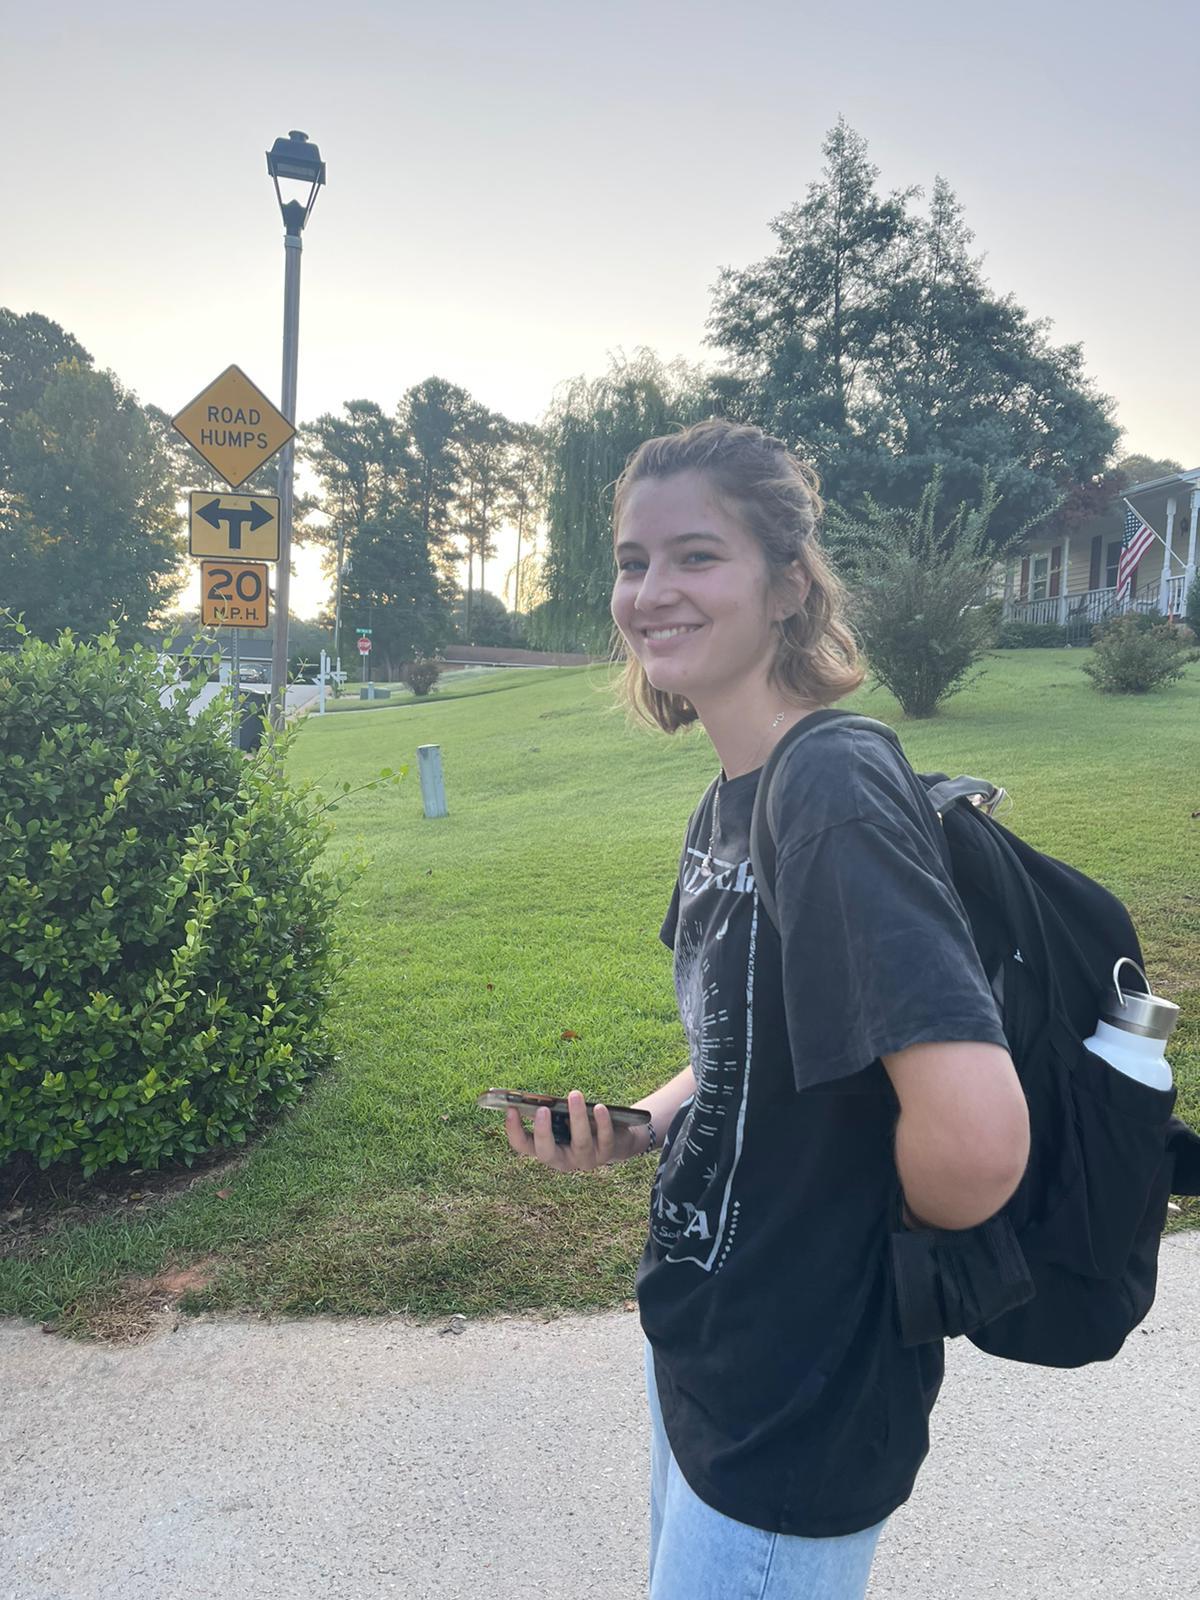 Teilnehmerin mit Rucksack in Park